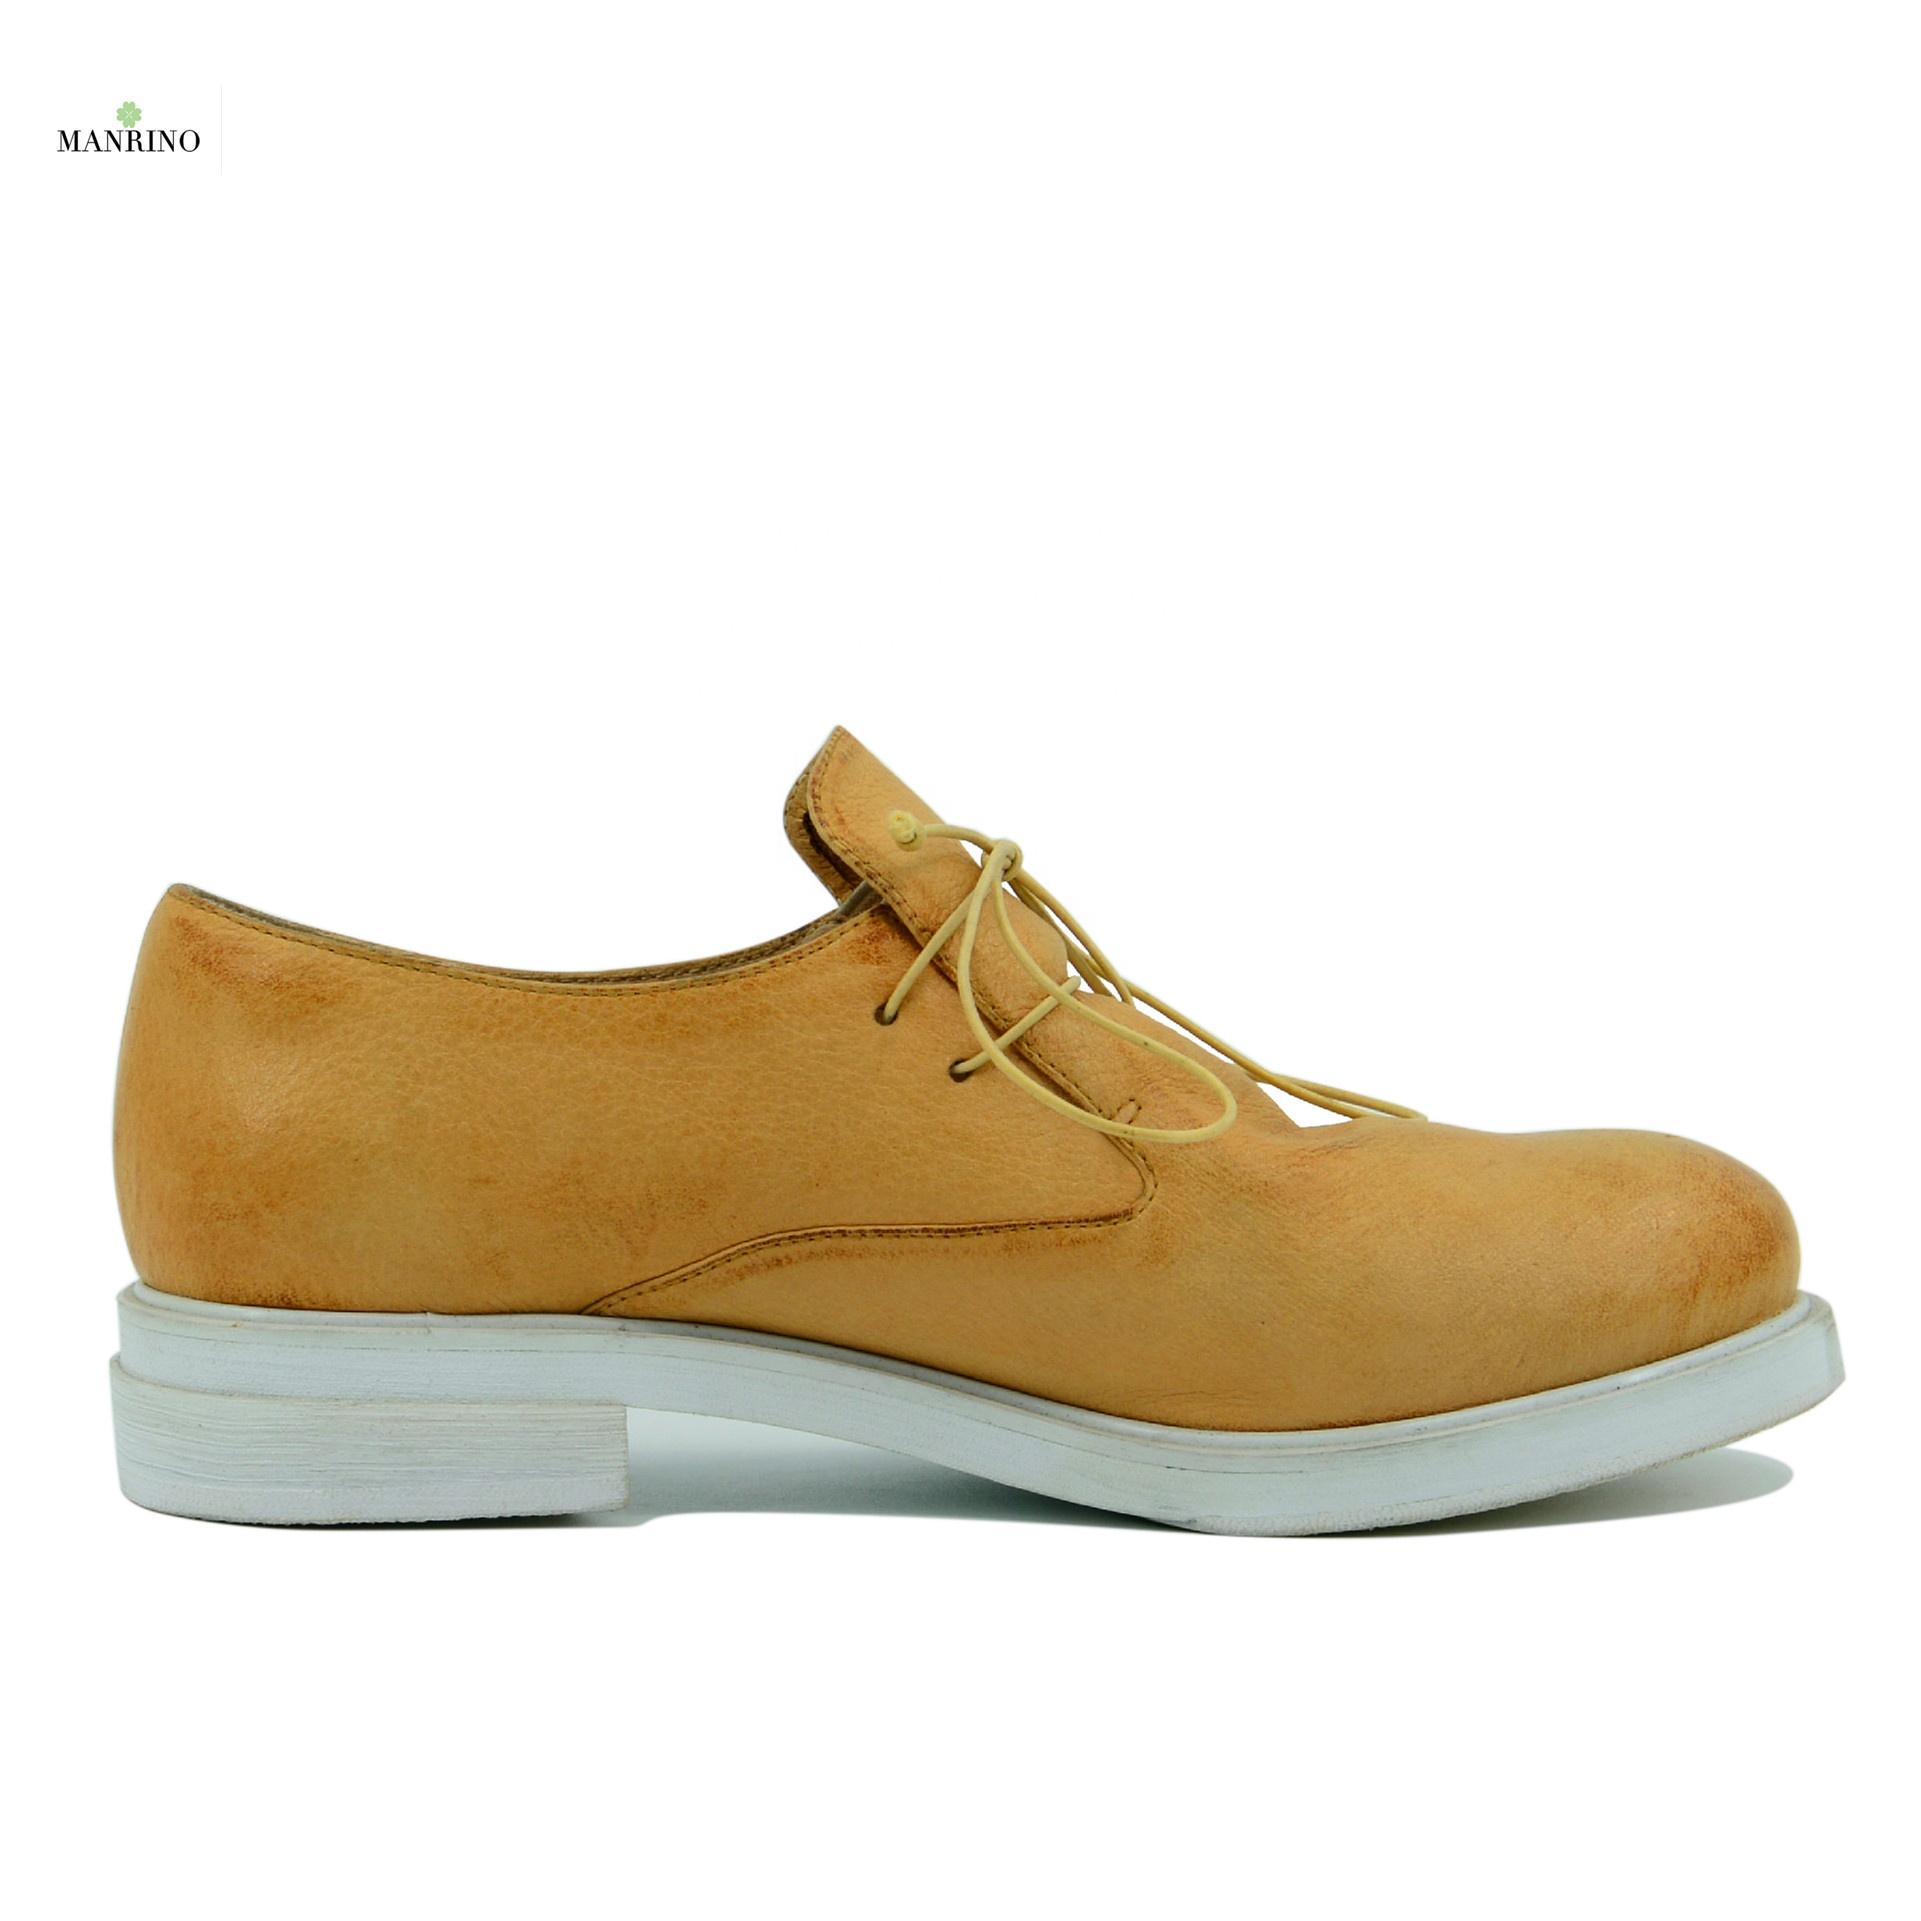 MANRINO-0116 кожаный чехол с текстурой личи масло из коровьей кожи; Высокие туфли на плоском ходу; Подошва из материала на основе хлопка типа «Оксфорд» на шнуровке ручной работы; Женская повседневная кожаная обувь от производителя